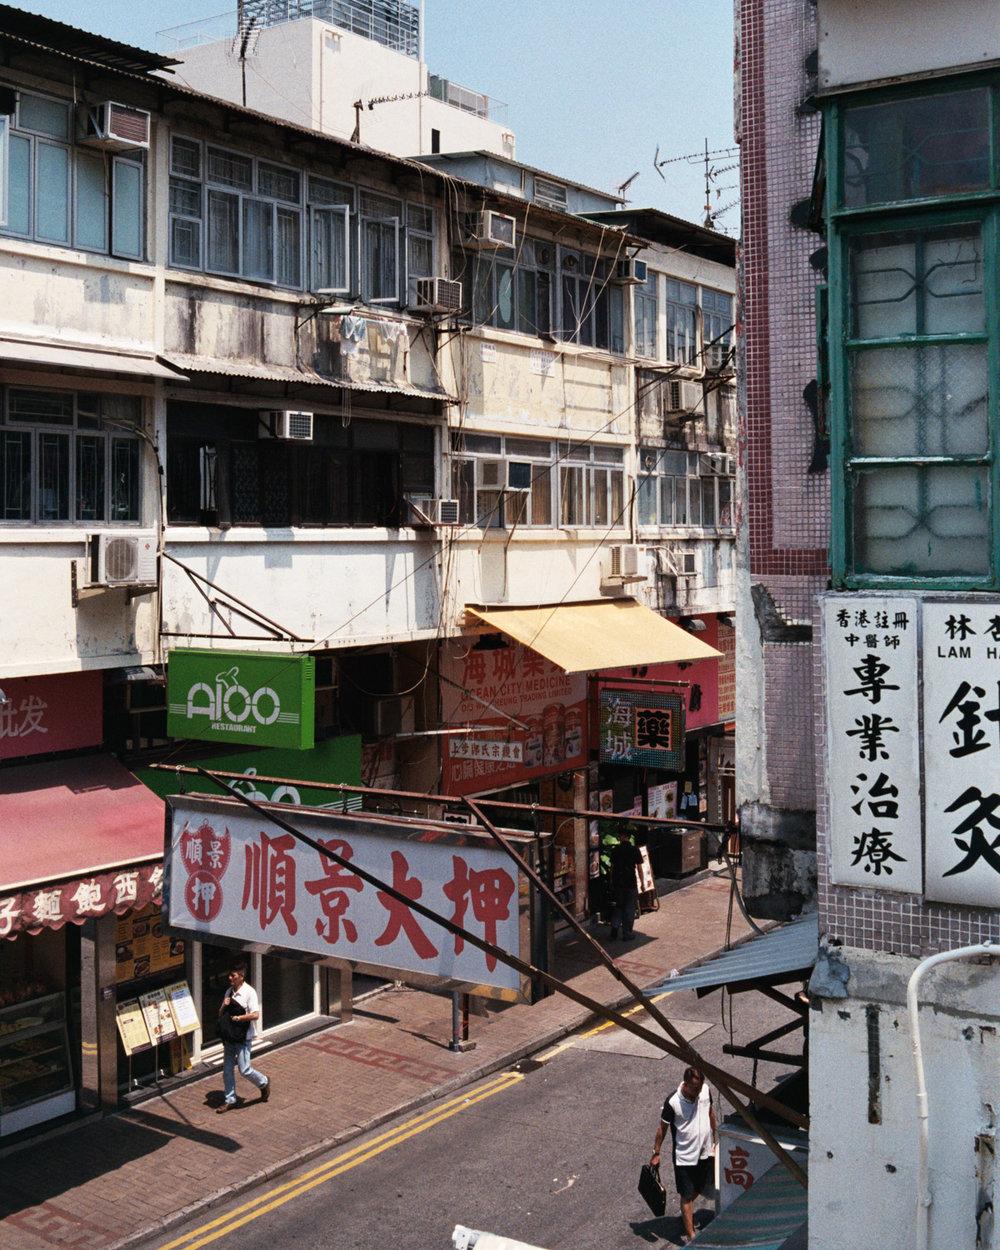 davislam.com_2015-08_hongkong-12.jpg